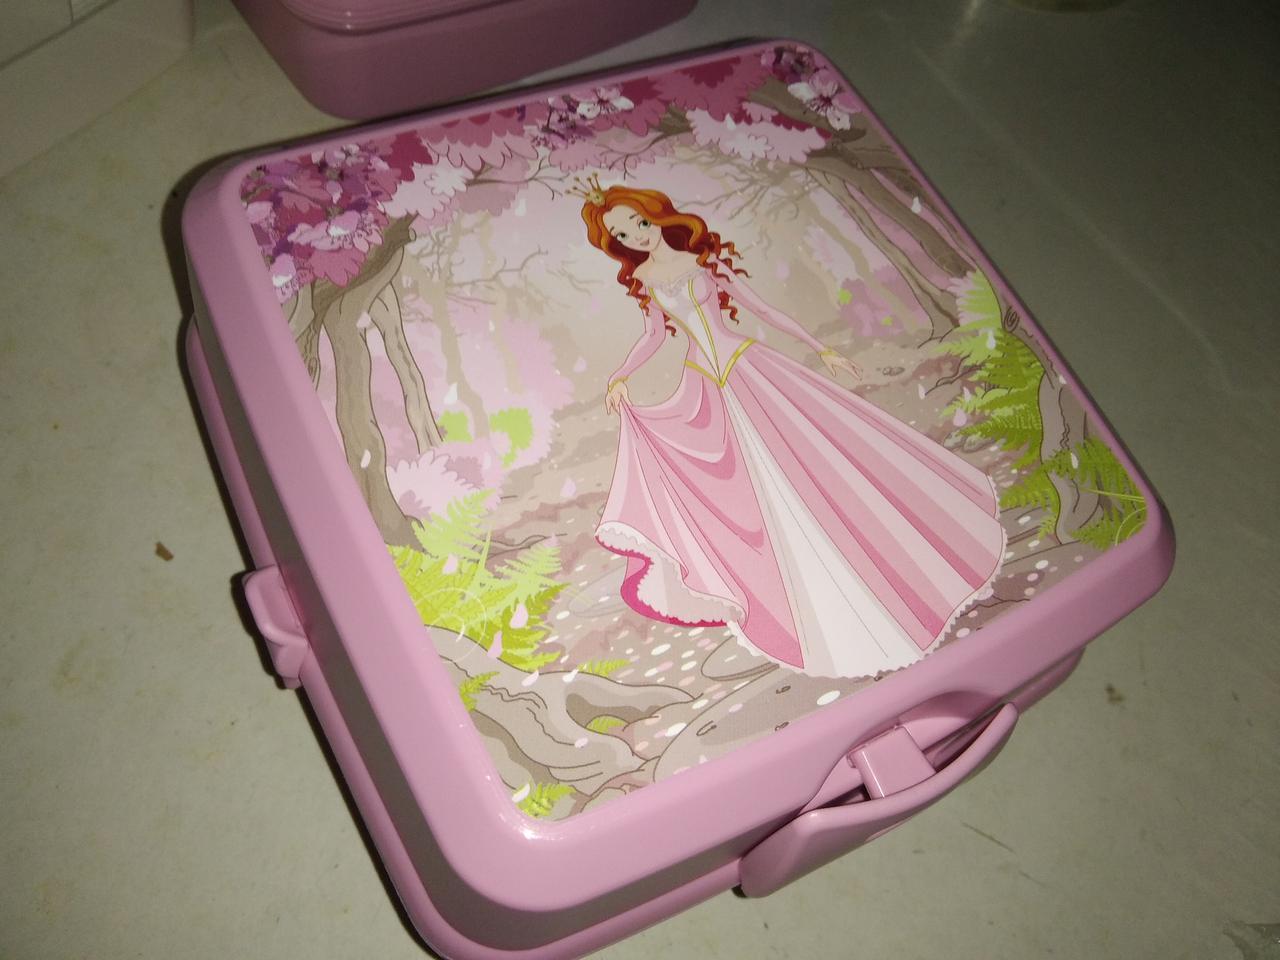 Ланчбокс двойной с вилкой и ложкой Турция  021175 Hobbi Life контейнер розовый принцесса